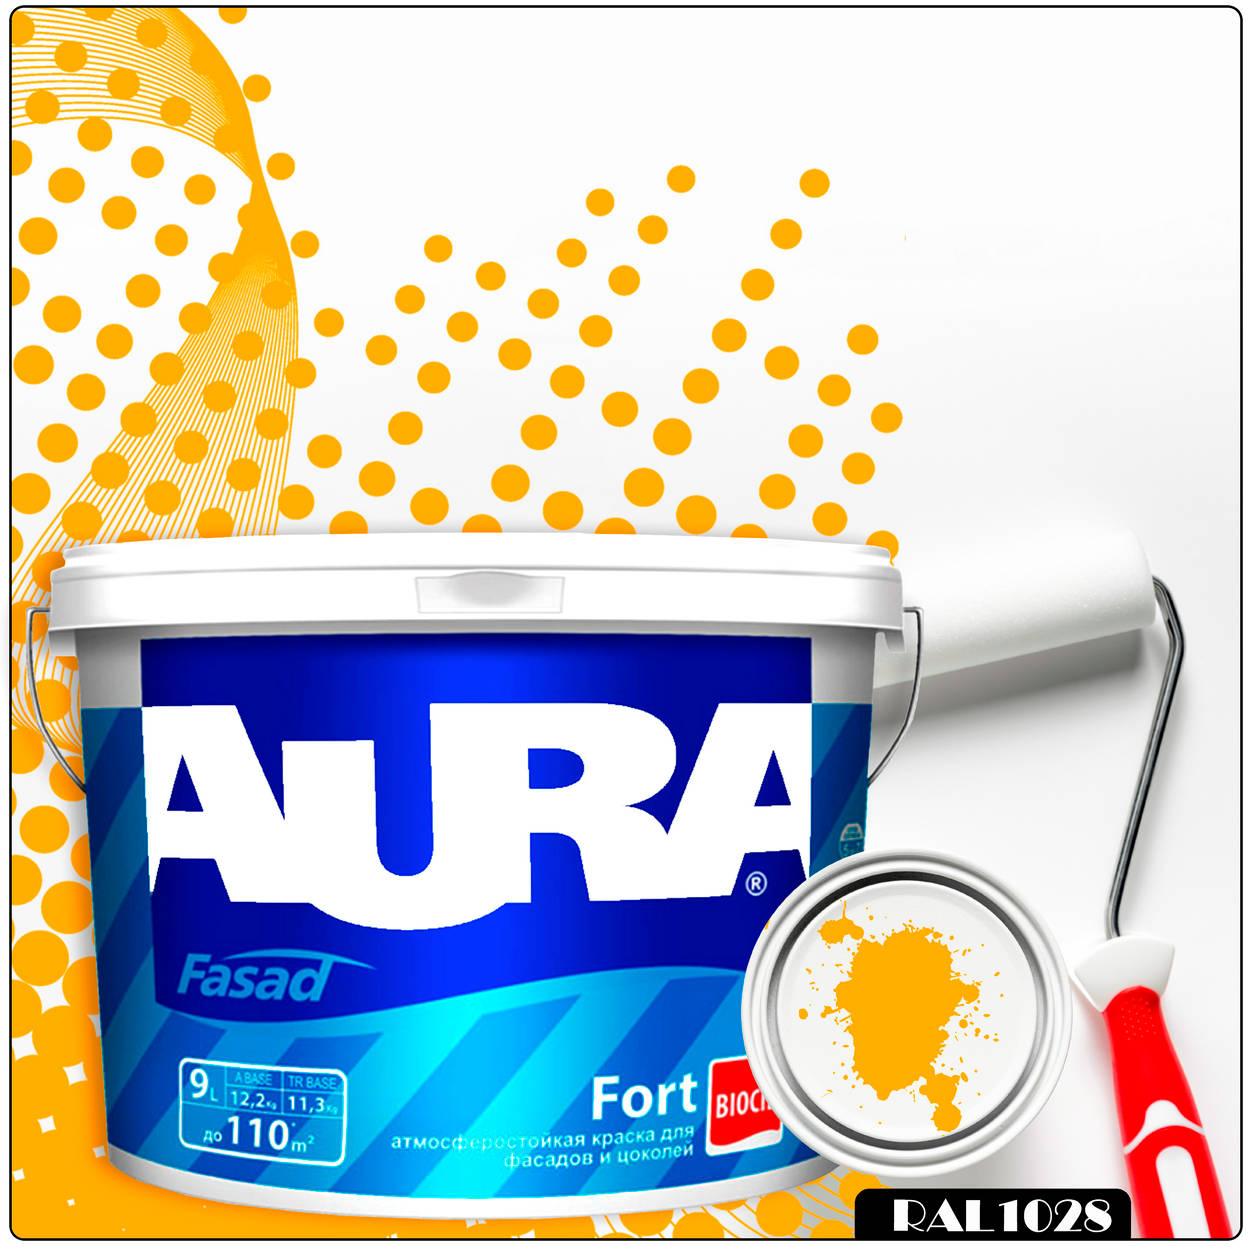 Фото 23 - Краска Aura Fasad Fort, RAL 1028 Жёлтая дыня, латексная, матовая, для фасада и цоколей, 9л, Аура.